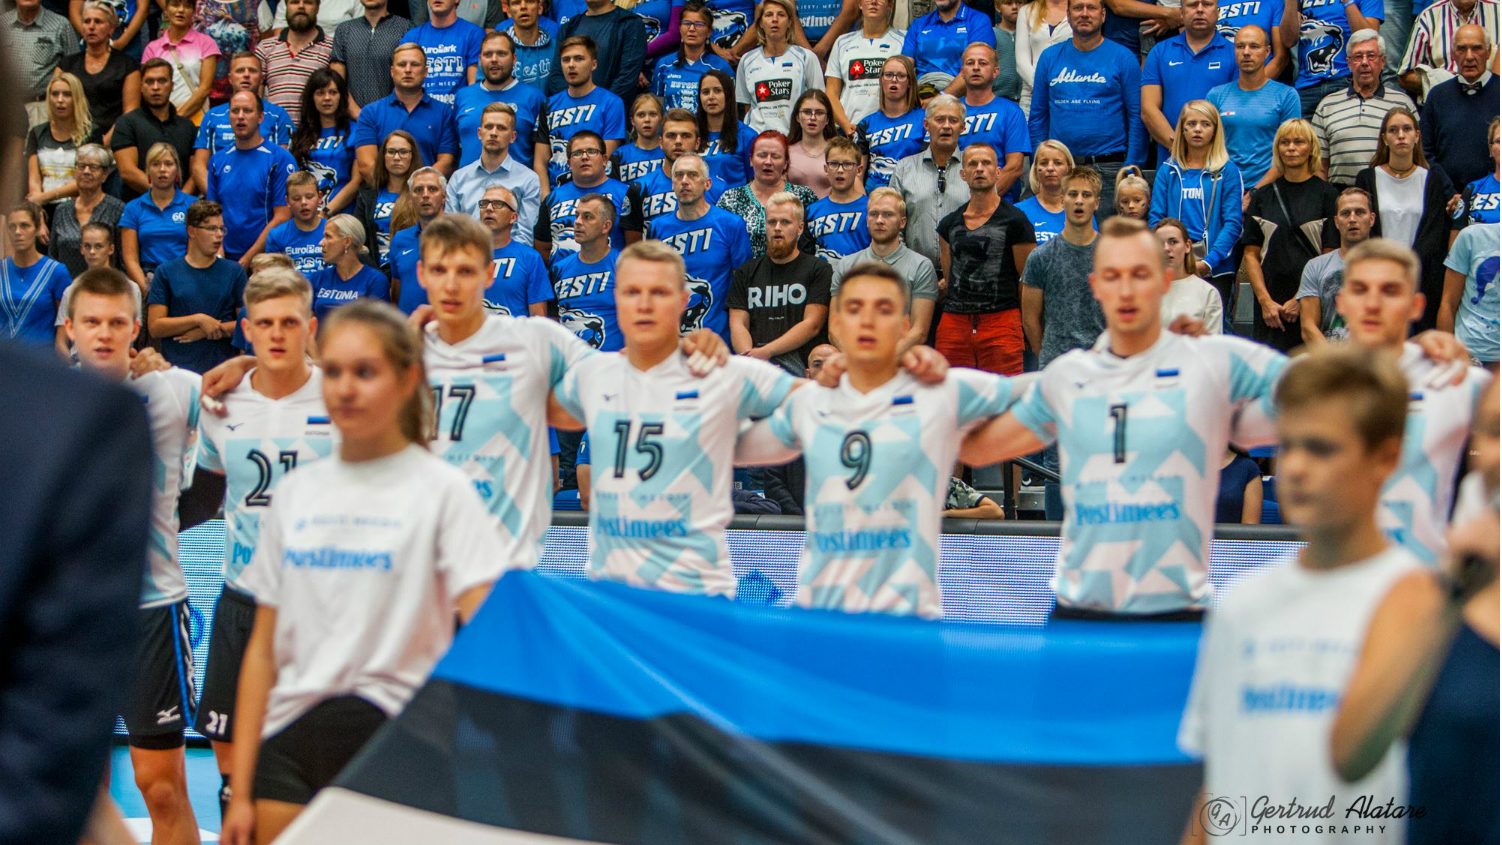 Rabedalt tegutsenud Eesti kaotas Kuldliiga avamängu Hispaaniale